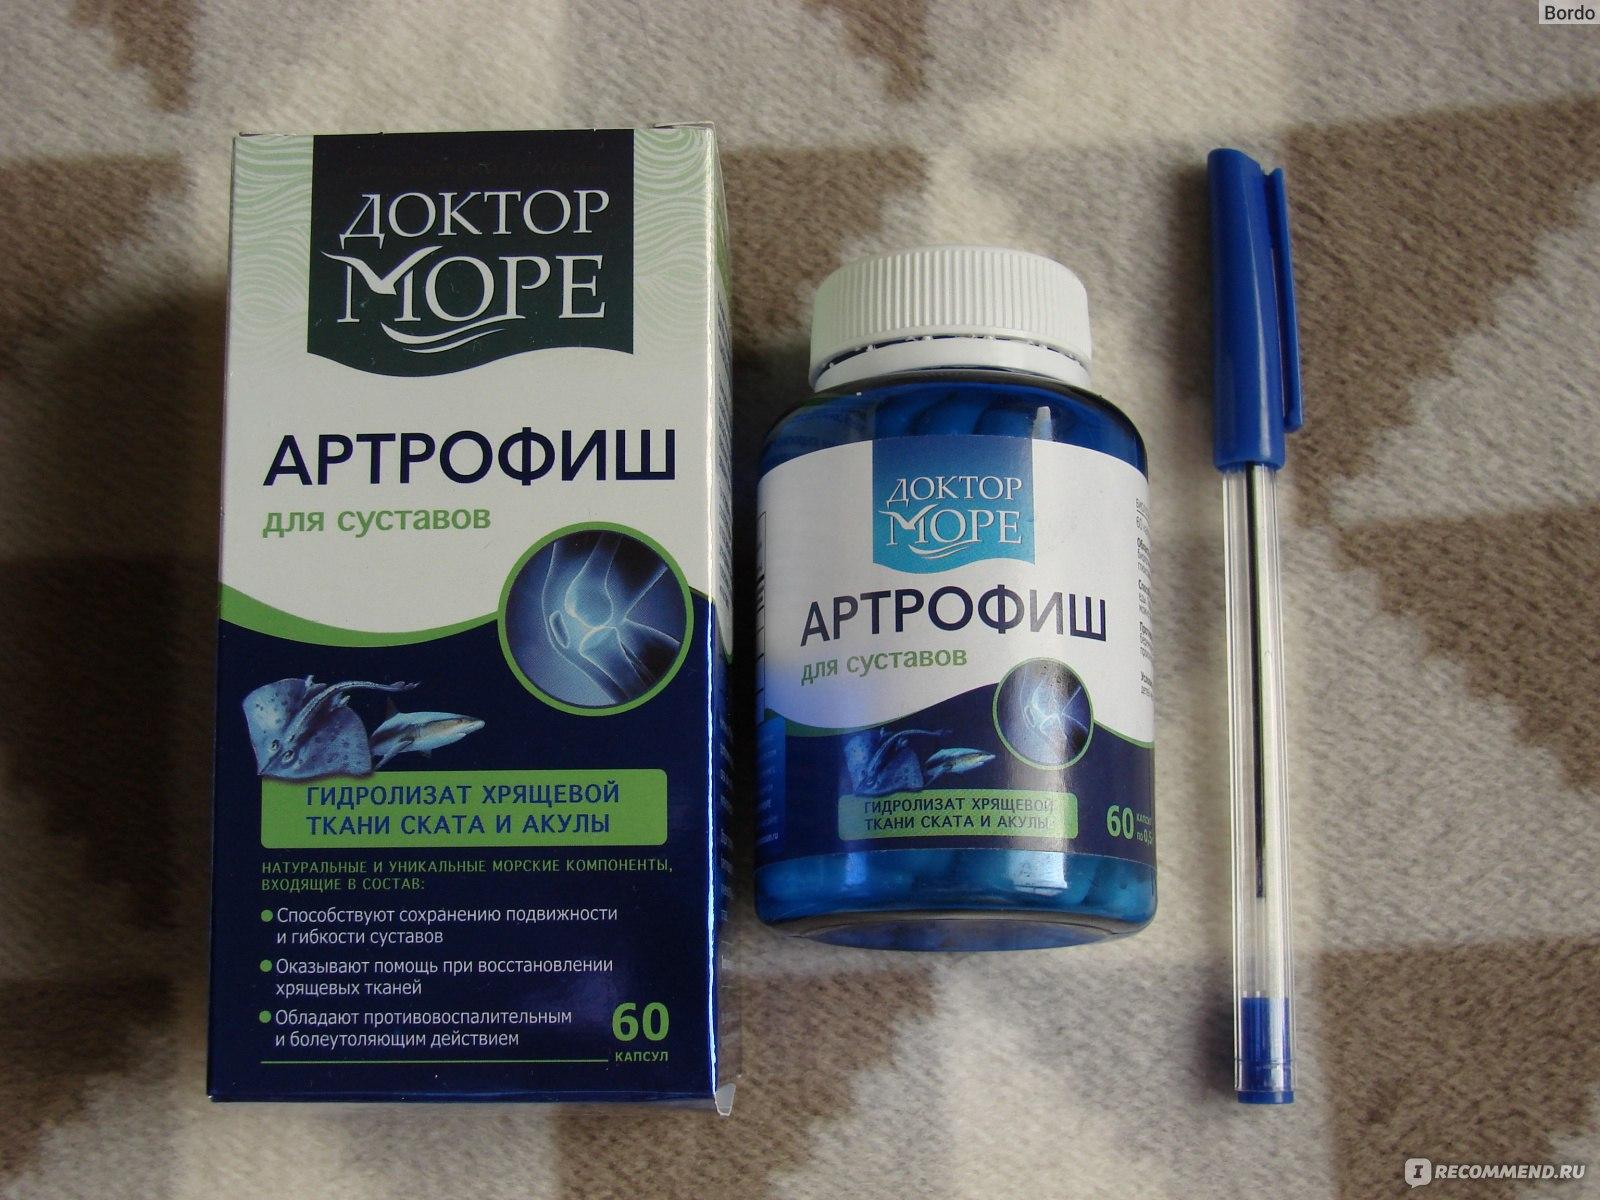 Артрофиш